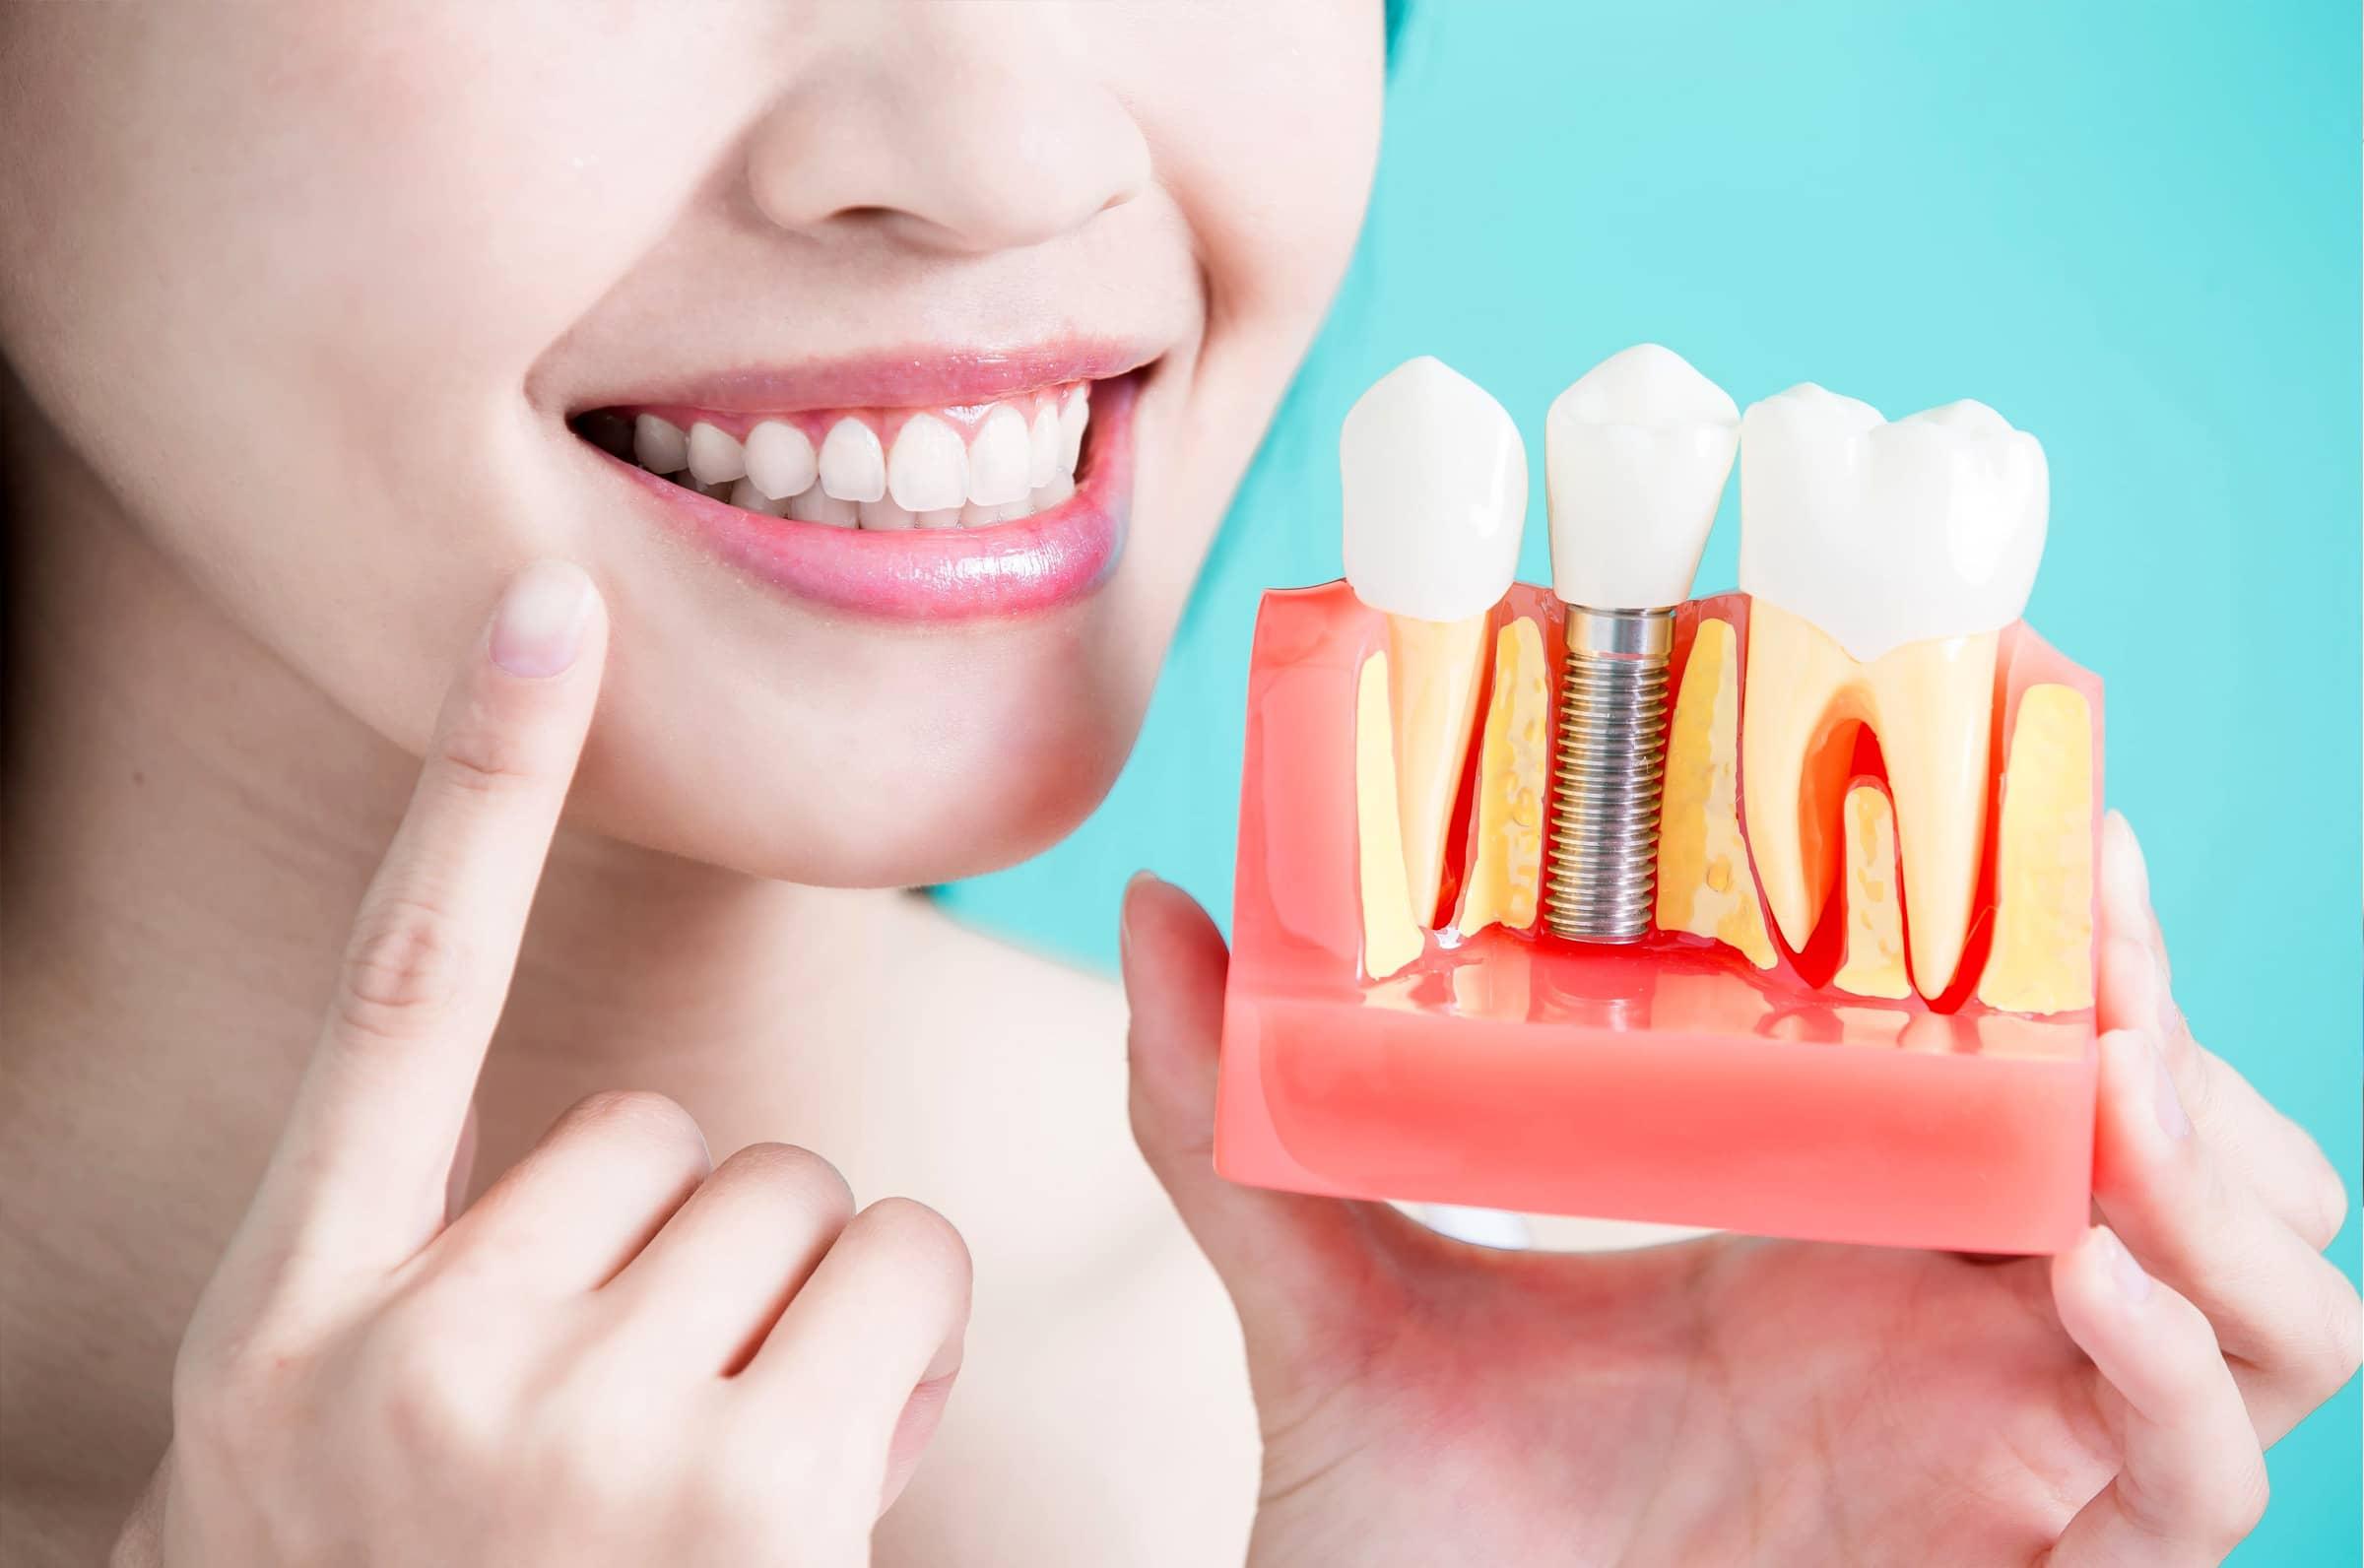 Implantologia Dentale Studio Odontoiatrico Malagnino